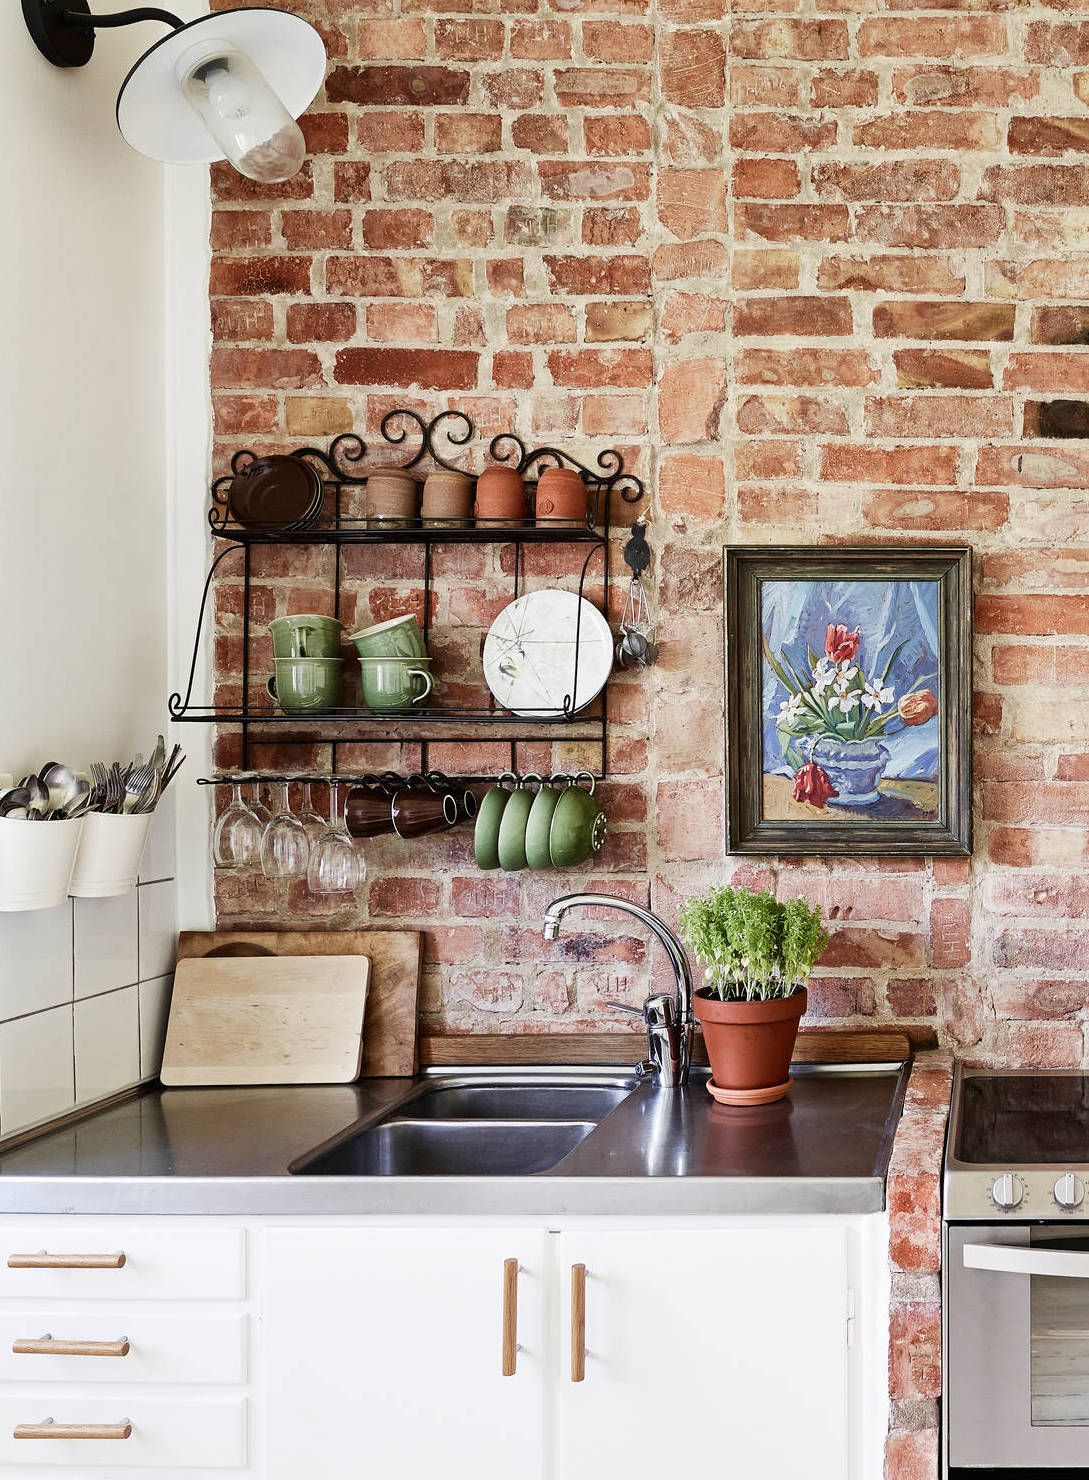 Brick wall kitchen via Kitchen